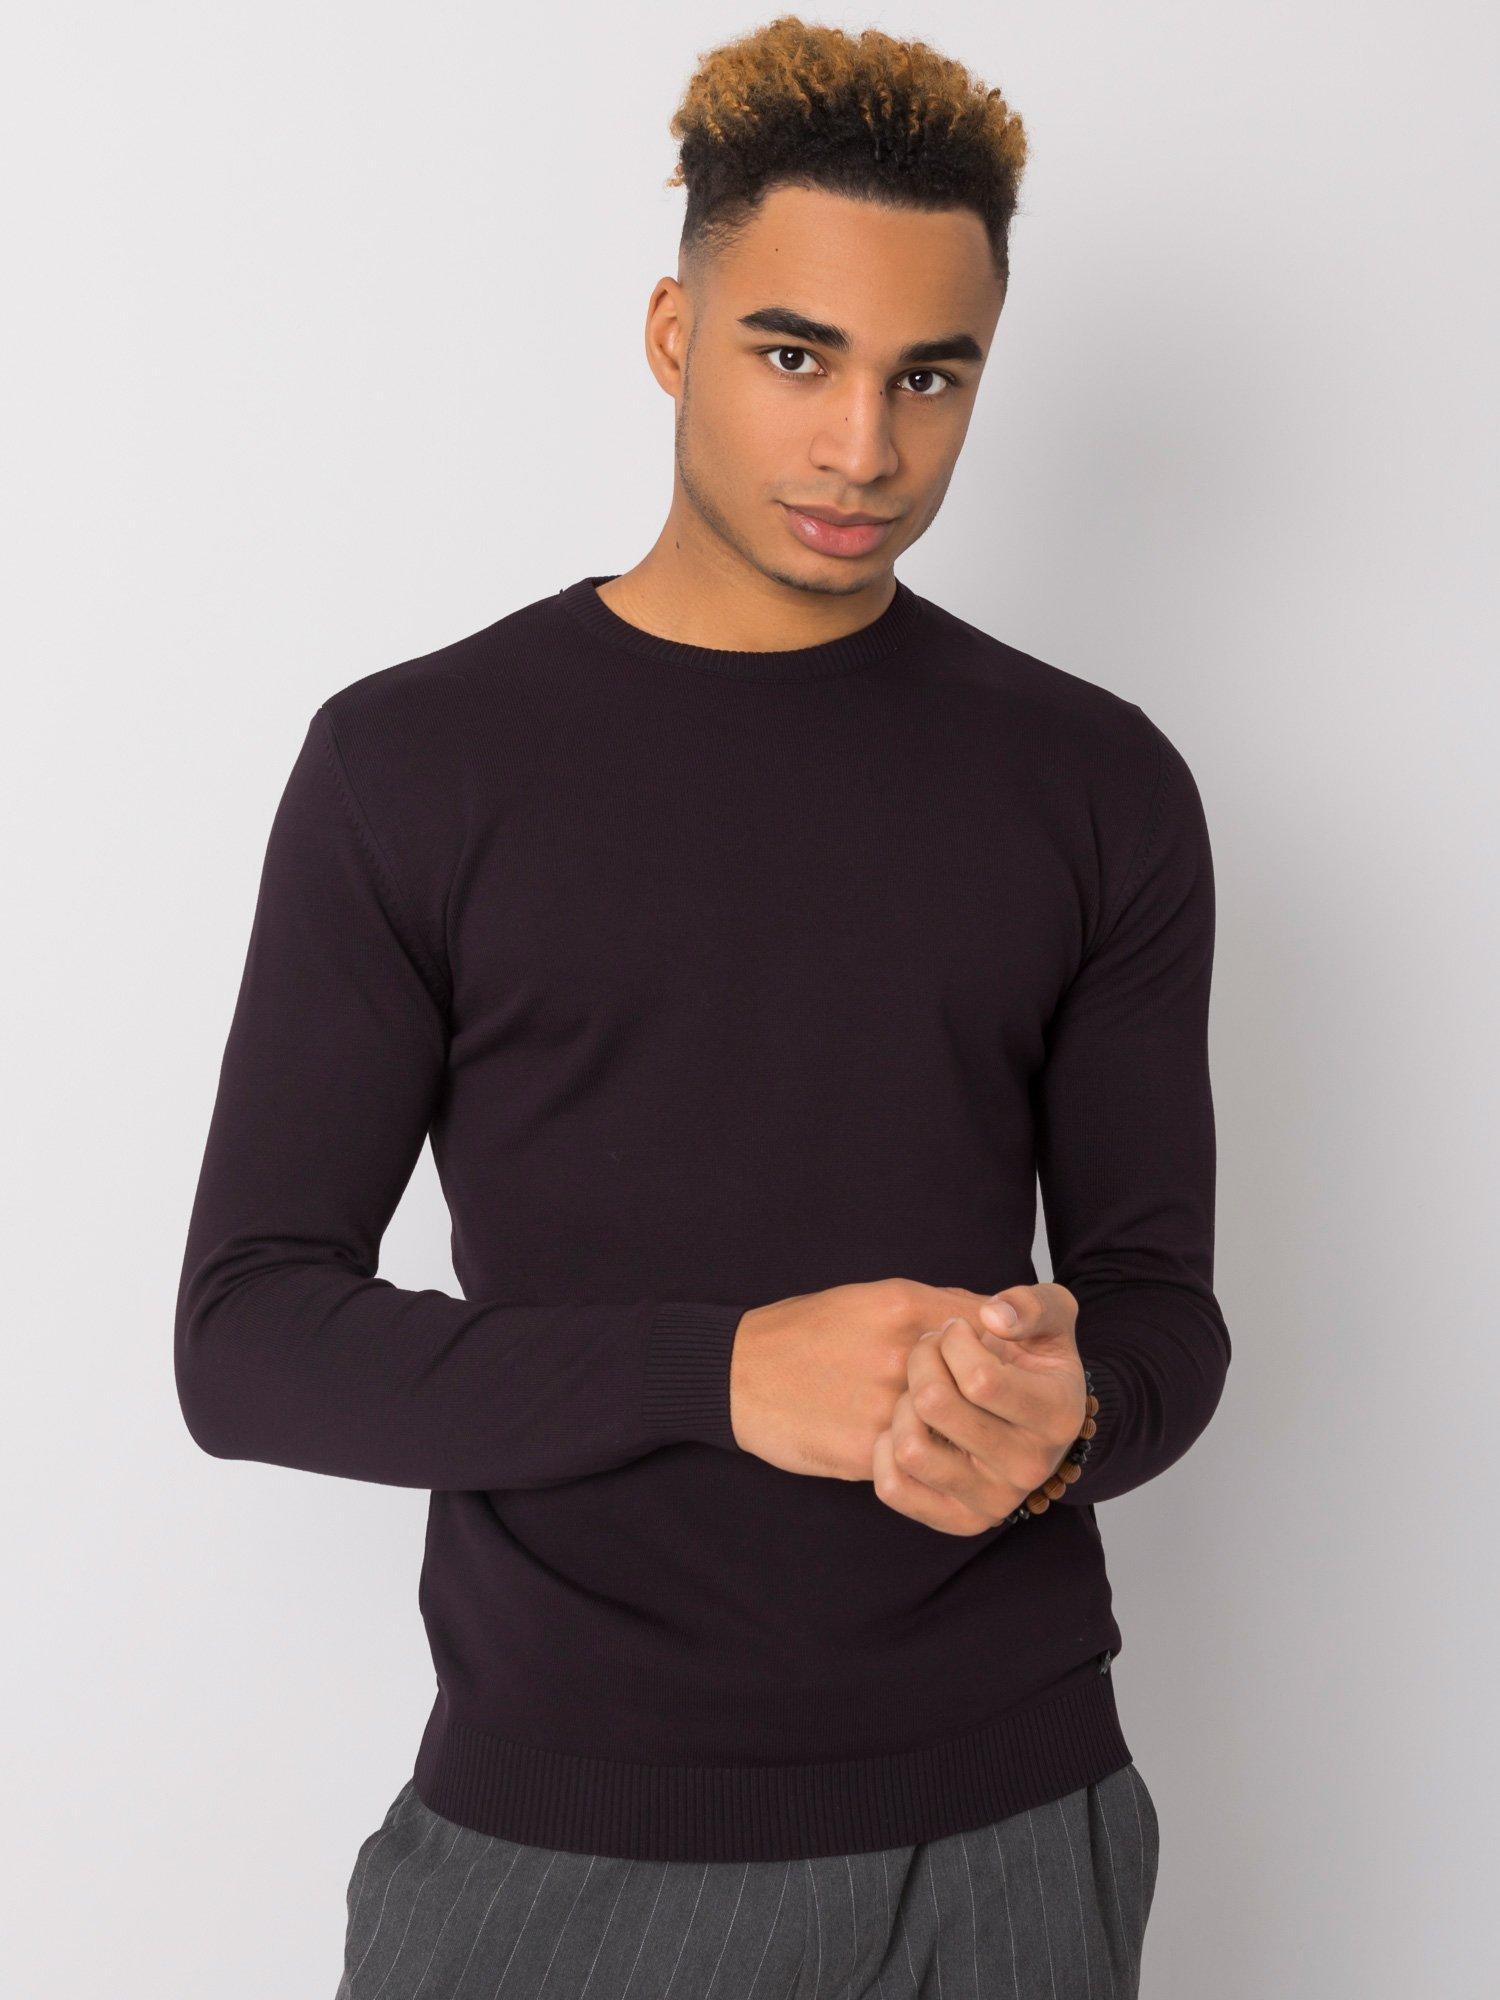 Tmavě fialový svetr pro muže LIWALI